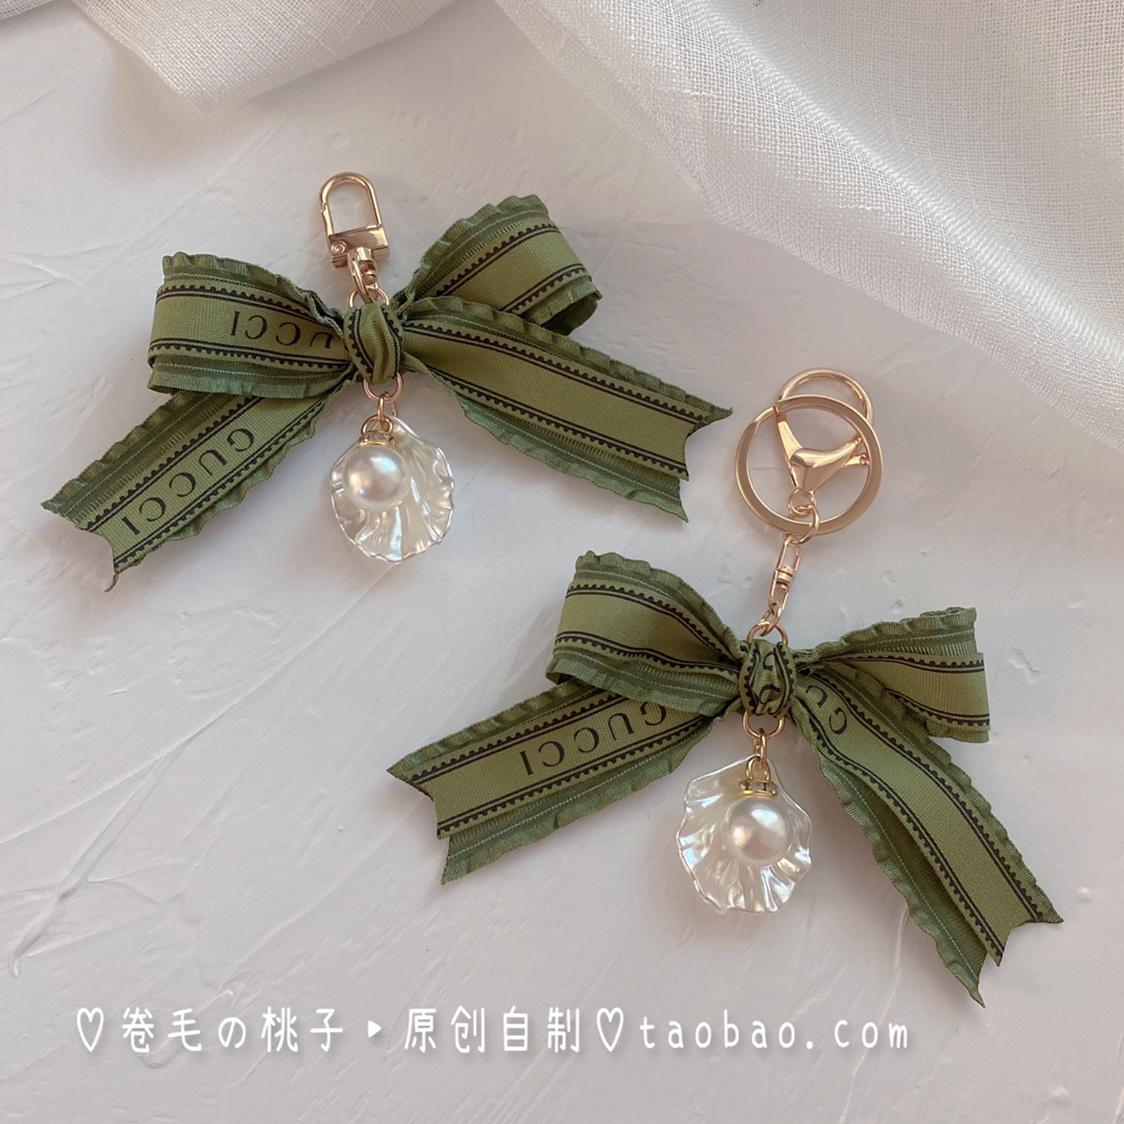 绿色贝壳包 原创手改好物精致挂件绿色珍珠贝壳挂链U盘包包钥匙挂饰创意礼物_推荐淘宝好看的绿色贝壳包